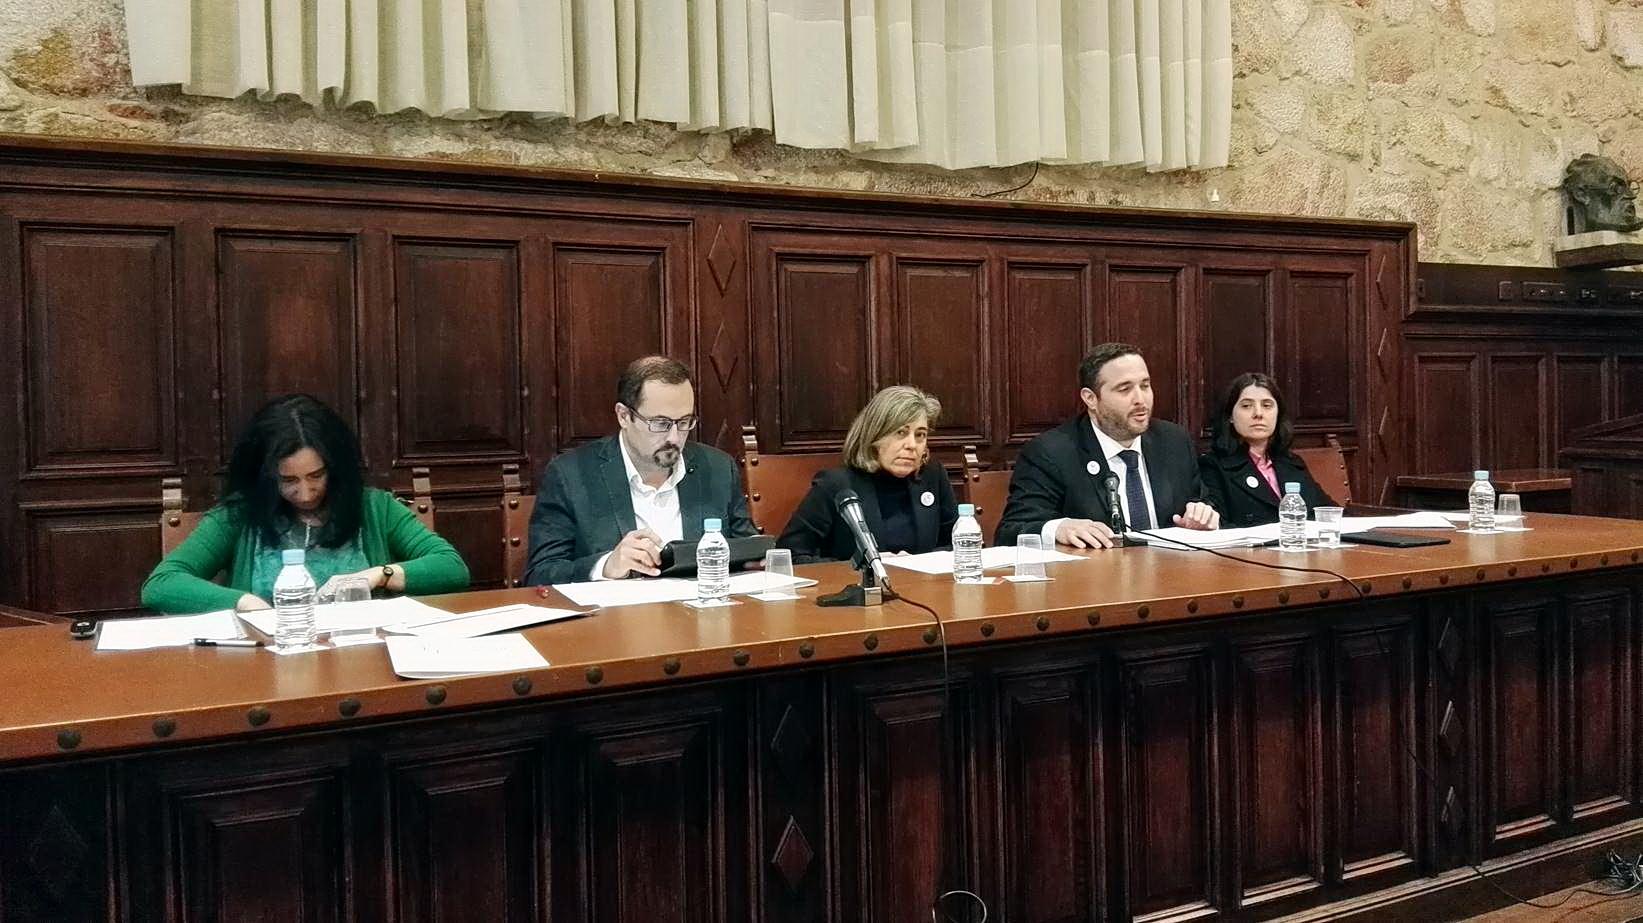 Vicente del Bosque e Ignacio Garmendia, socios de honor de Alumni-Universidad de Salamanca